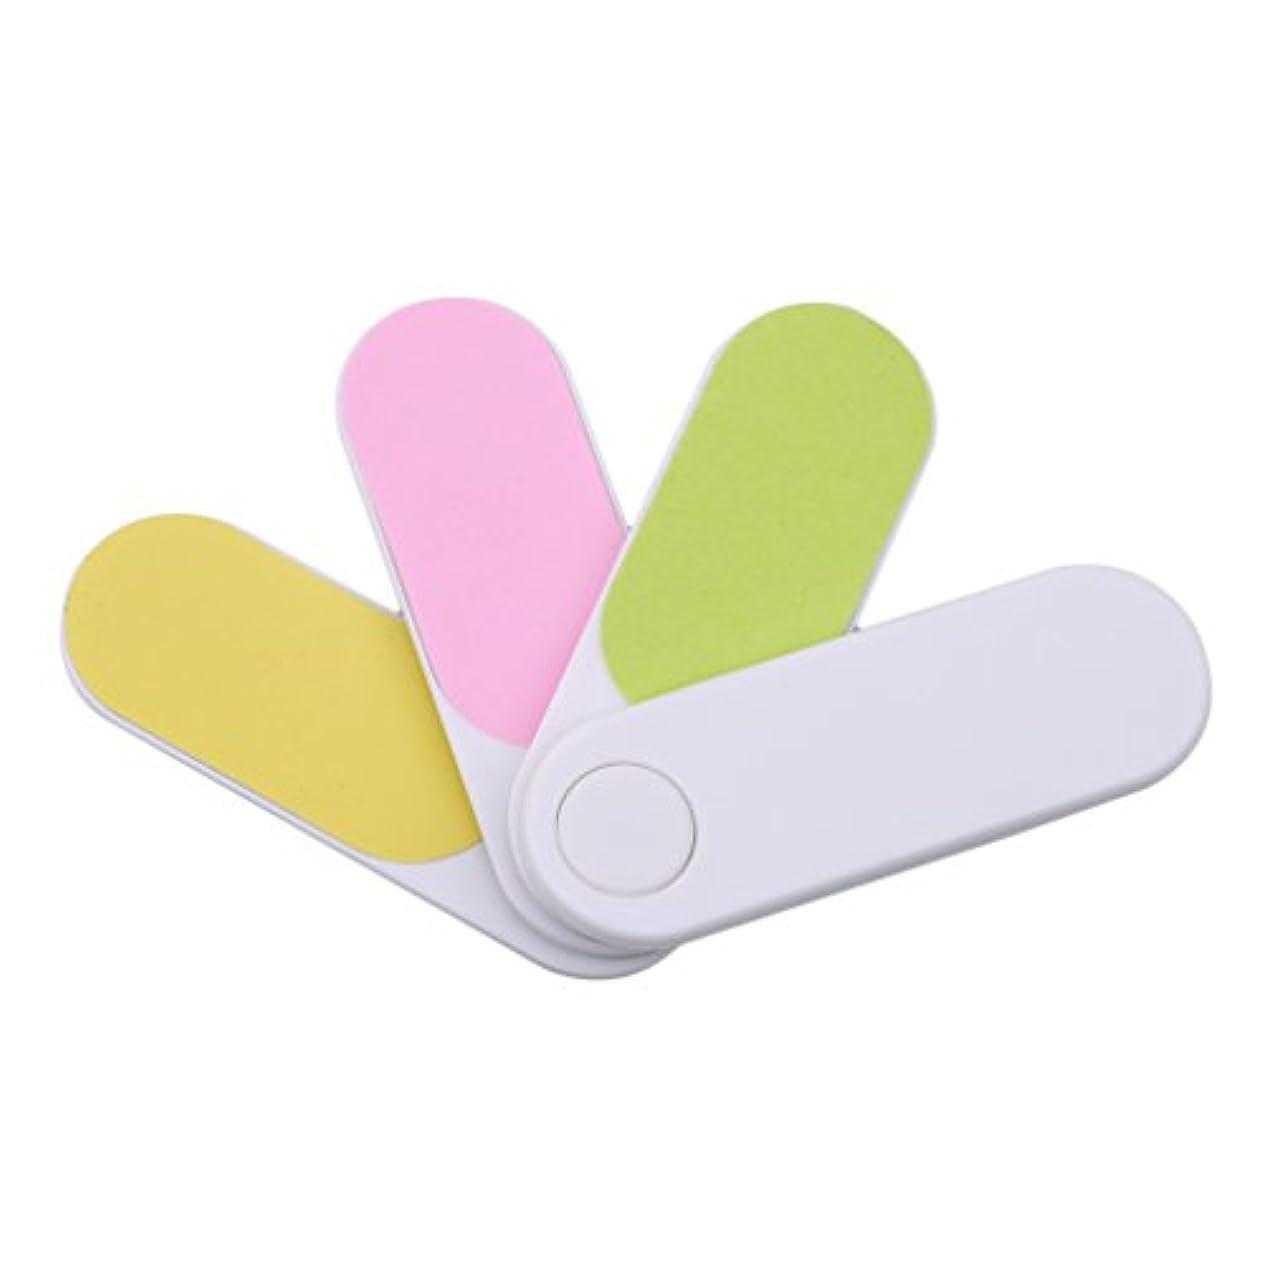 忍耐書くチャンピオンシップHKUN 爪やすり 爪磨き ネイルケア プラスチック製 ミニサイズ